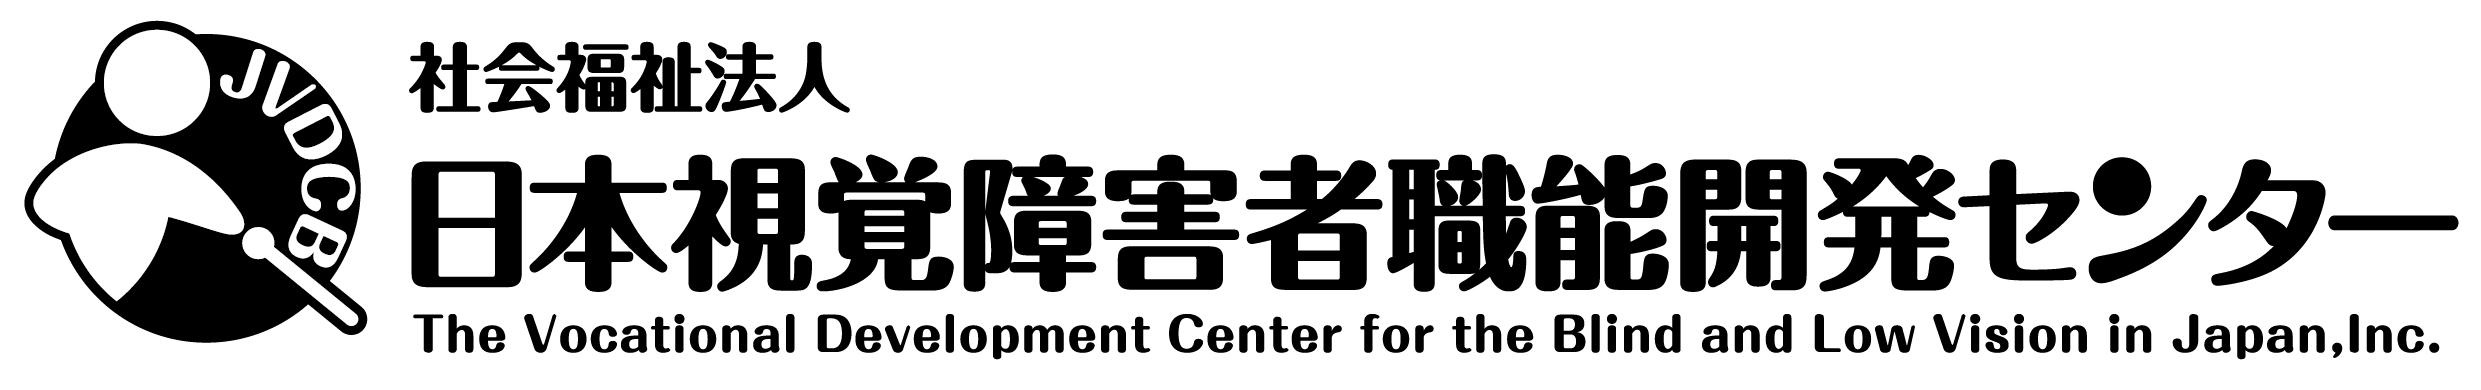 フッターのロゴアイコン:日本視覚障害者職能開発センター